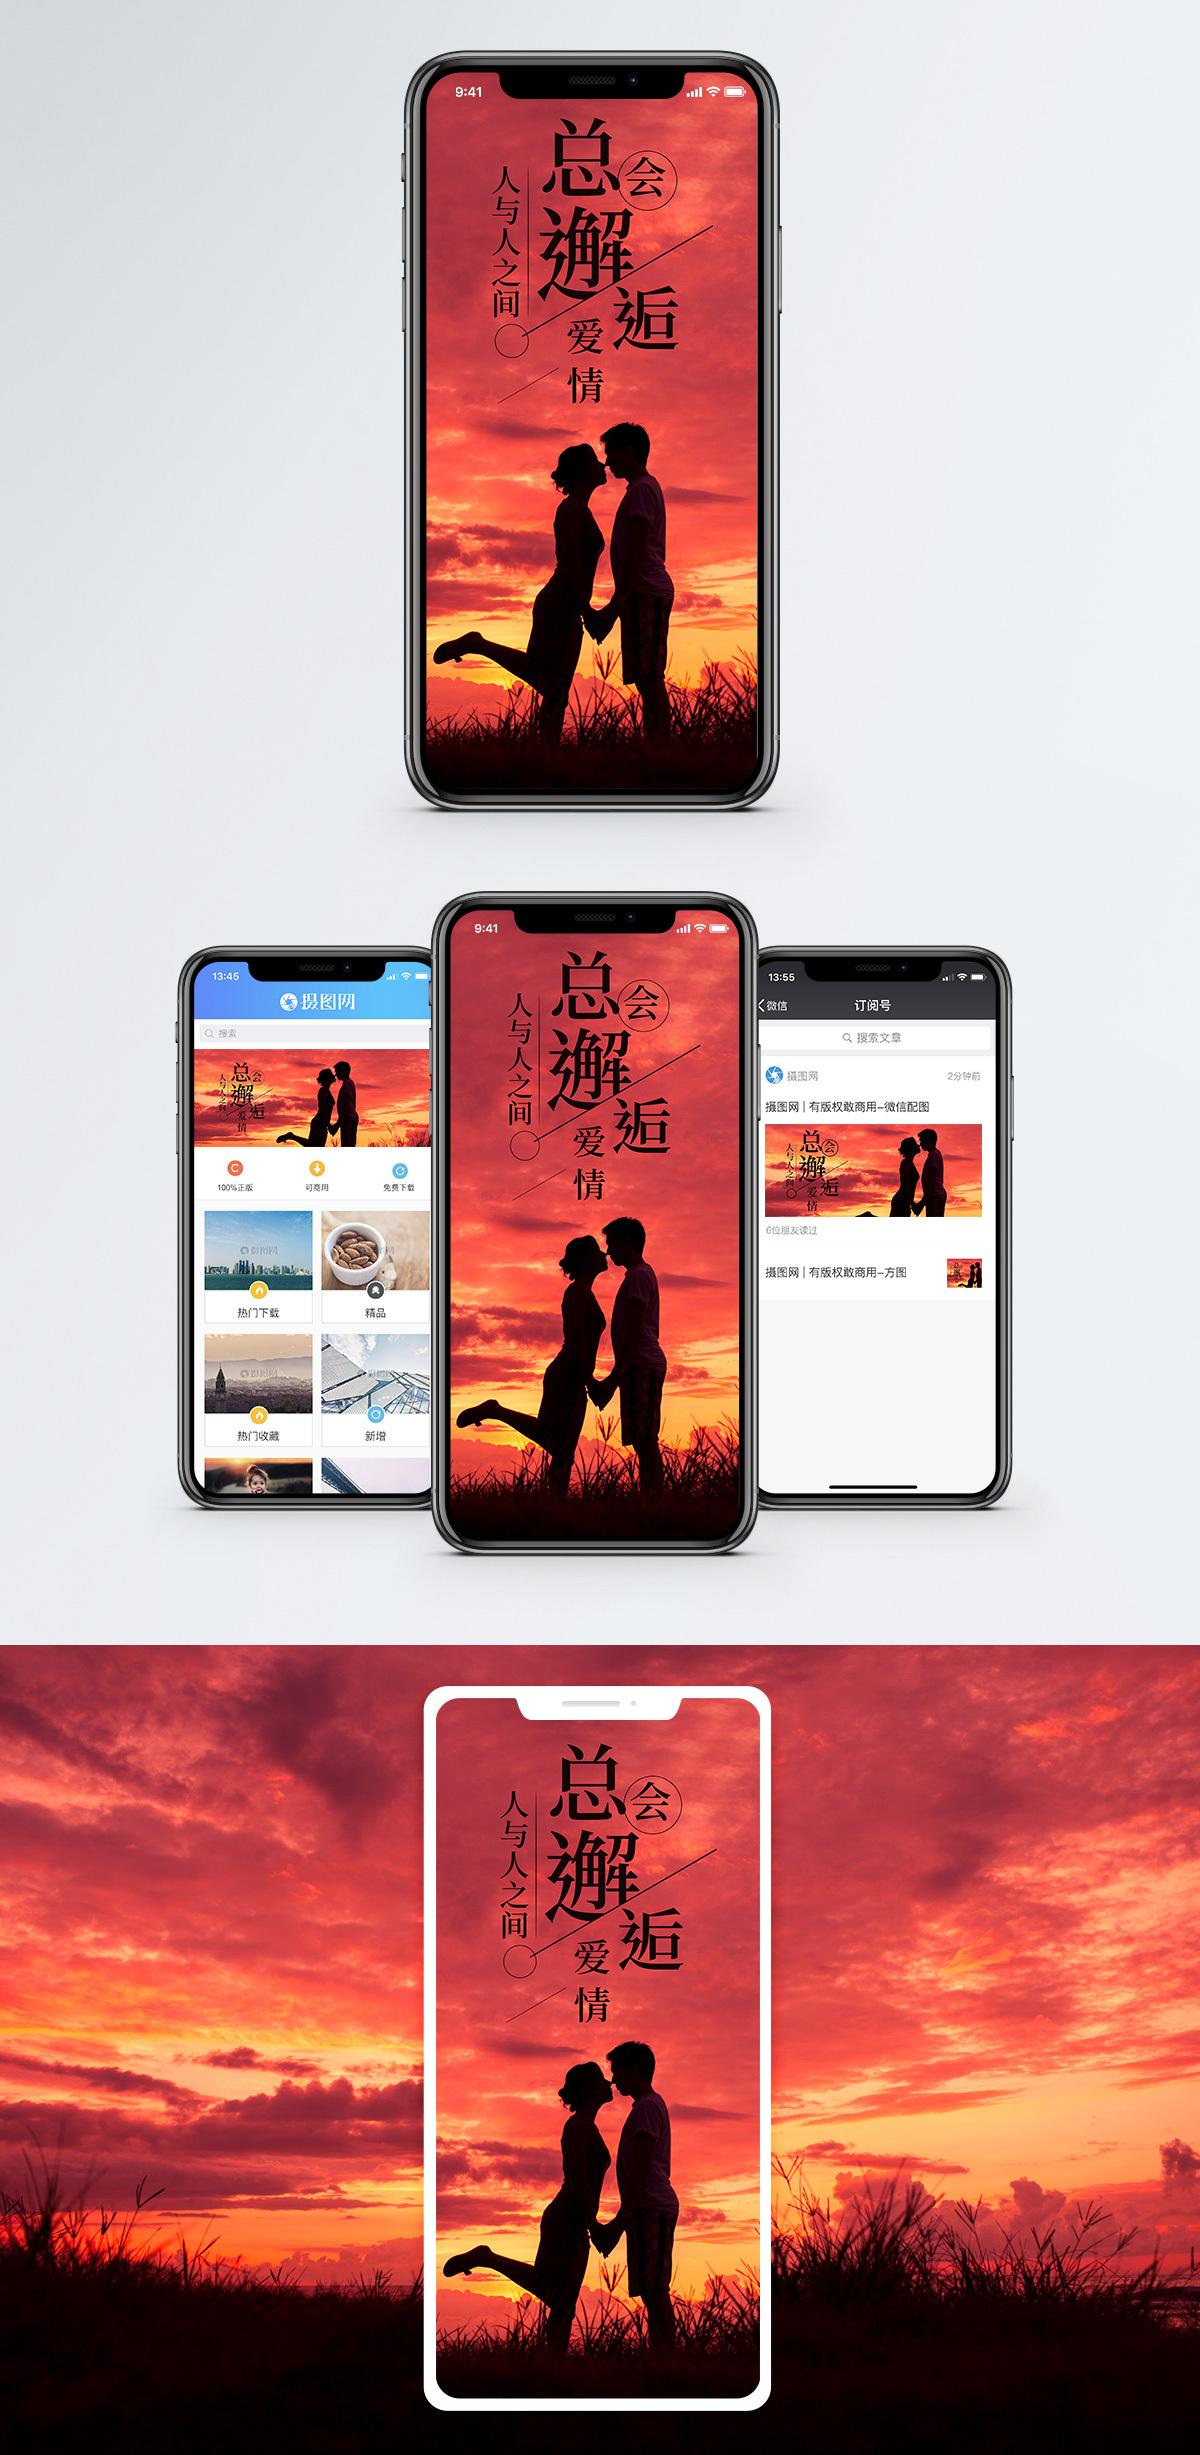 邂逅爱情手机海报配图图片